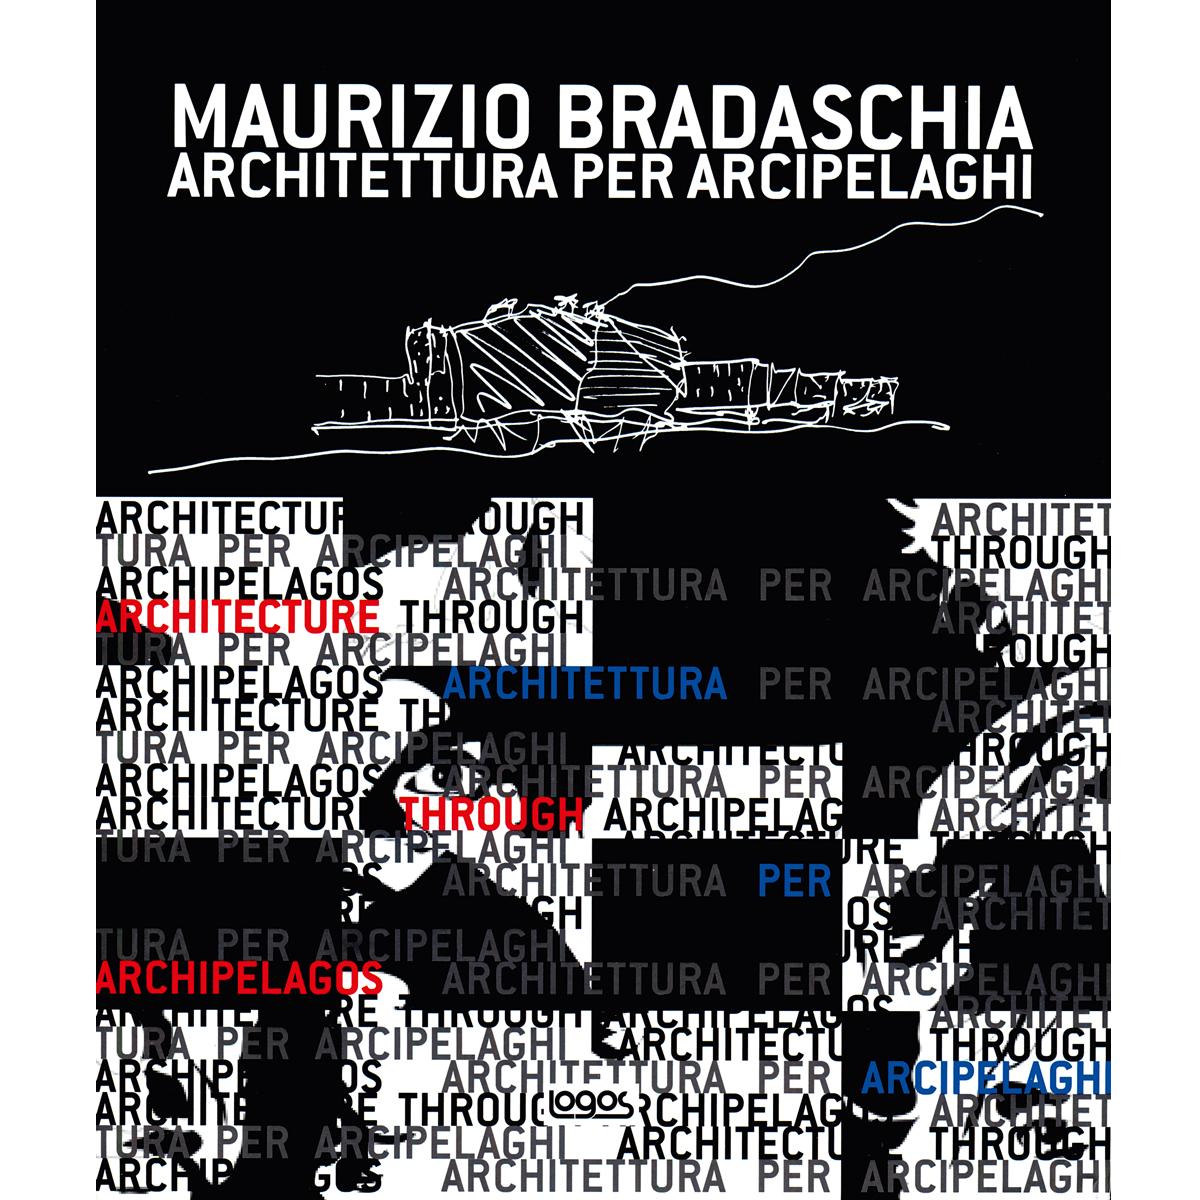 Maurizio Bradaschia: Architettura per Arcipelaghi